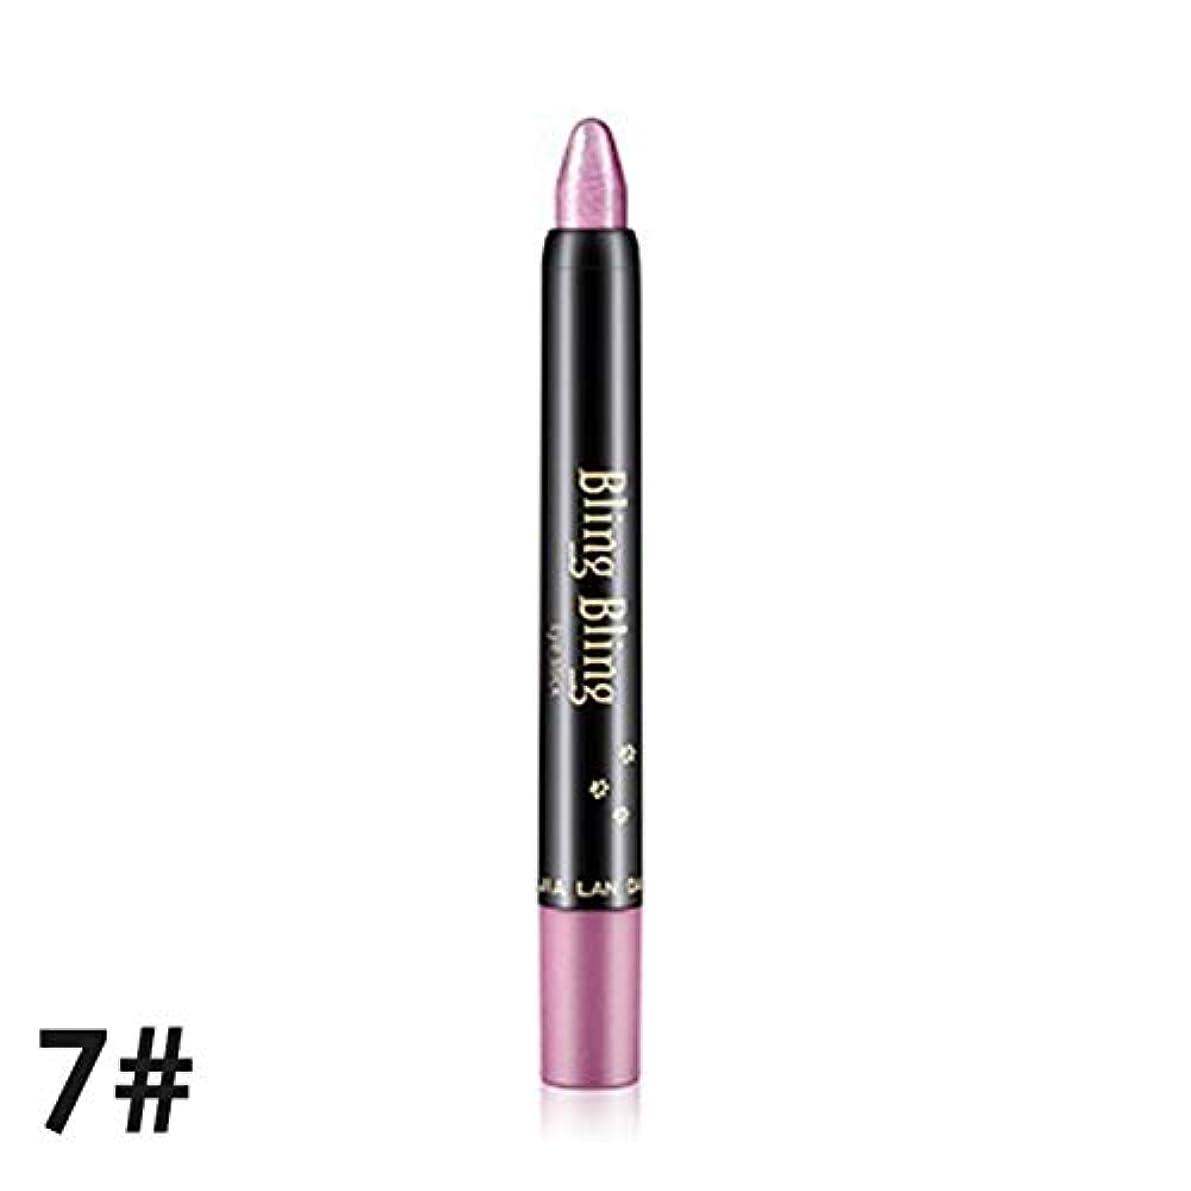 健康と美容アイシャドウ 3 PCSプロフェッショナルビューティ蛍光ペンアイシャドウペンシル 化粧 (色 : 7 Rose powder)